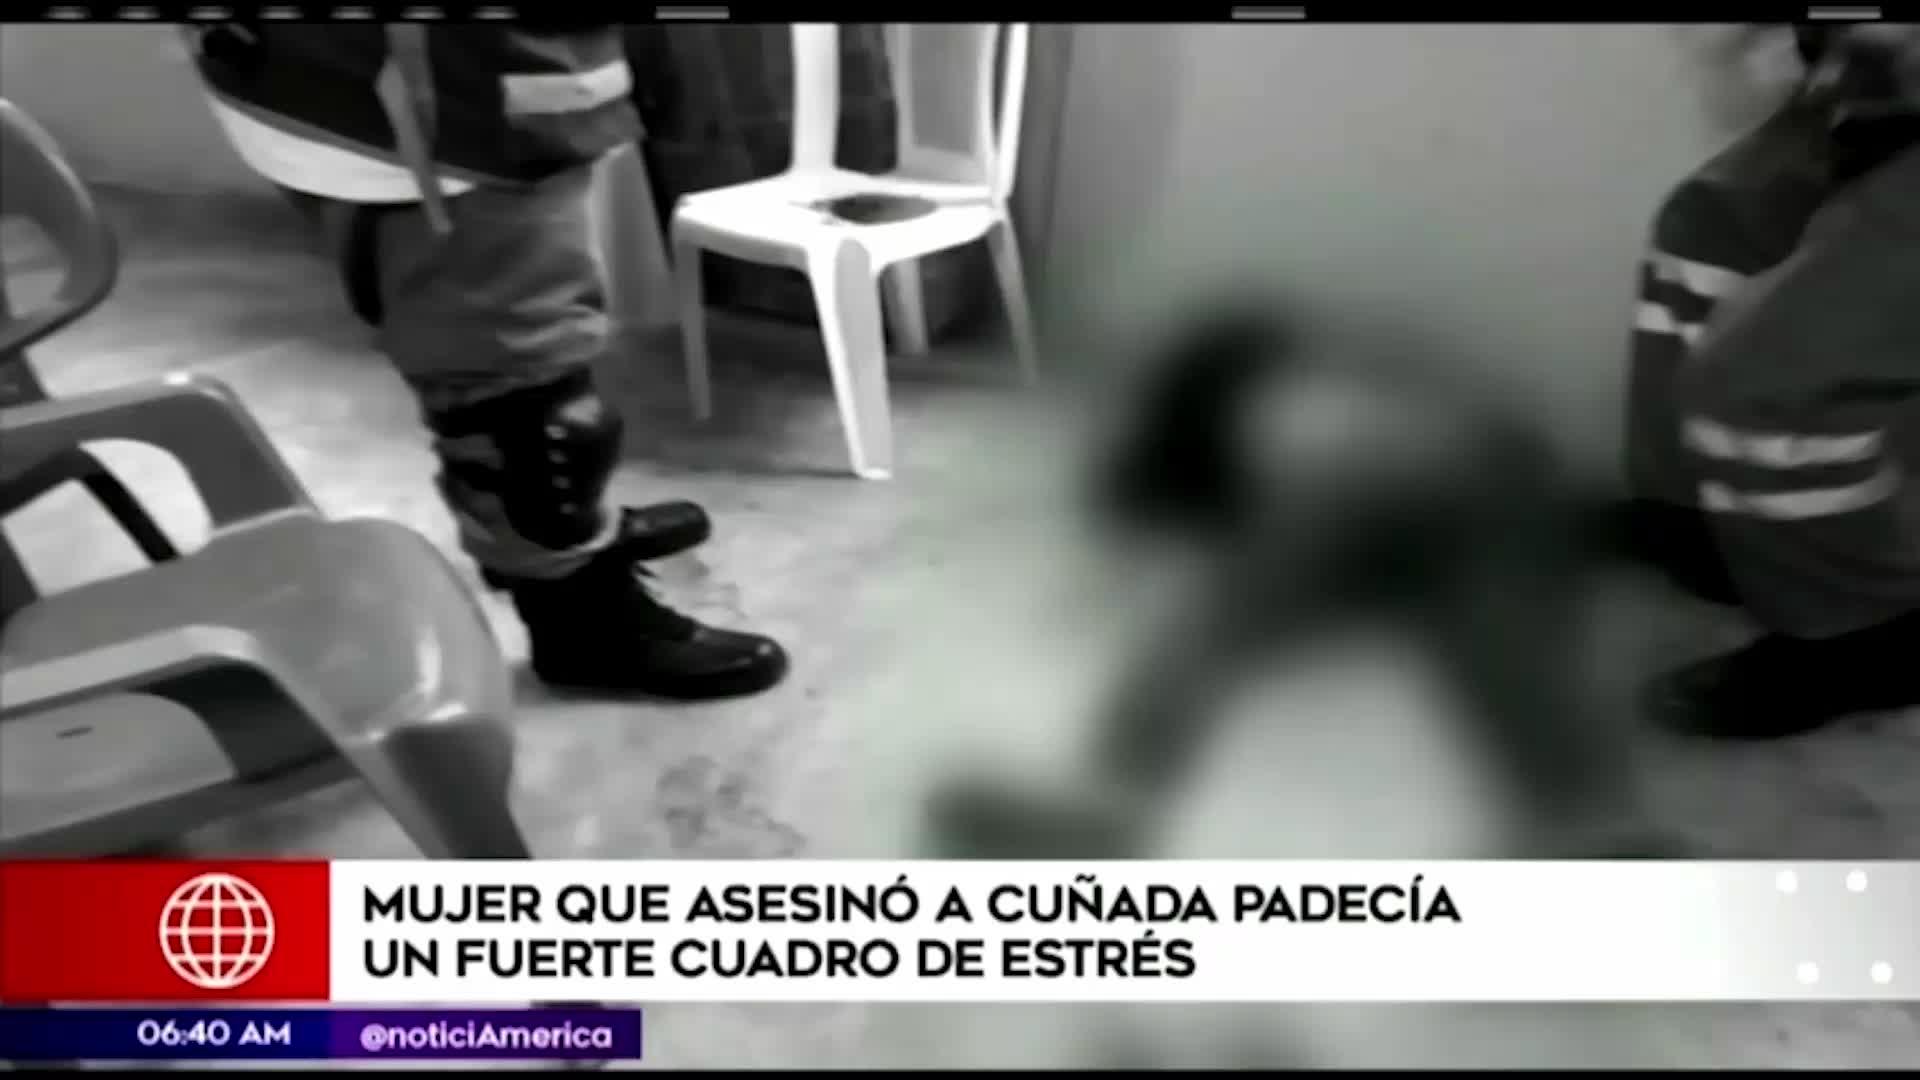 Independencia: mujer que asesinó a su cuñada tenía grave cuadro de estrés